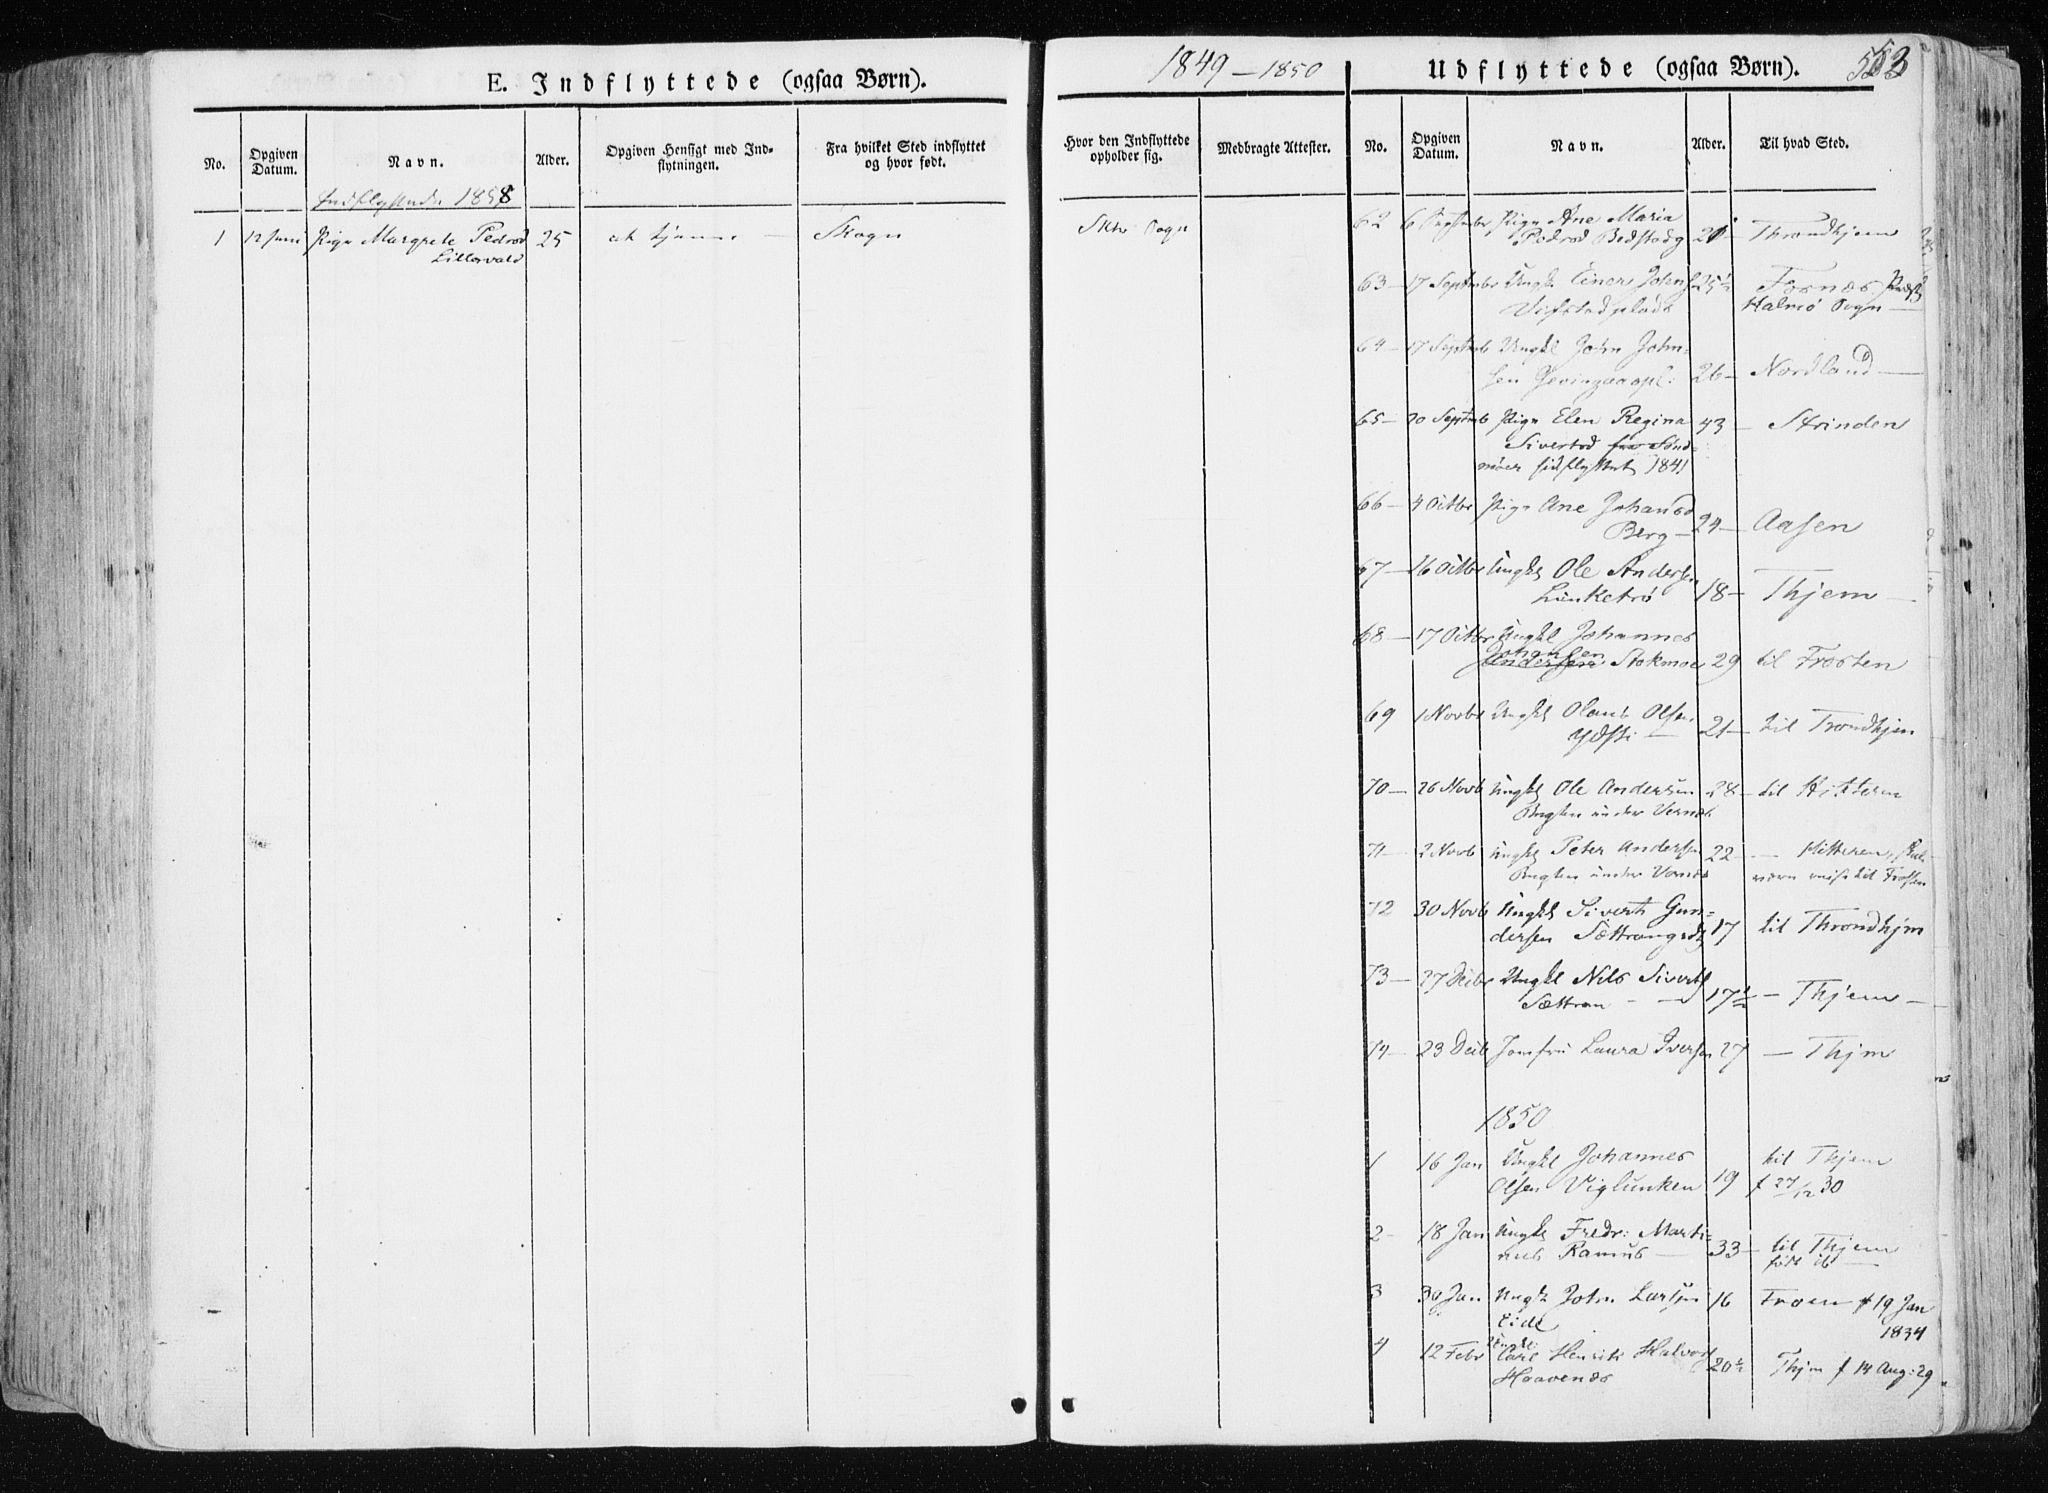 SAT, Ministerialprotokoller, klokkerbøker og fødselsregistre - Nord-Trøndelag, 709/L0074: Ministerialbok nr. 709A14, 1845-1858, s. 553